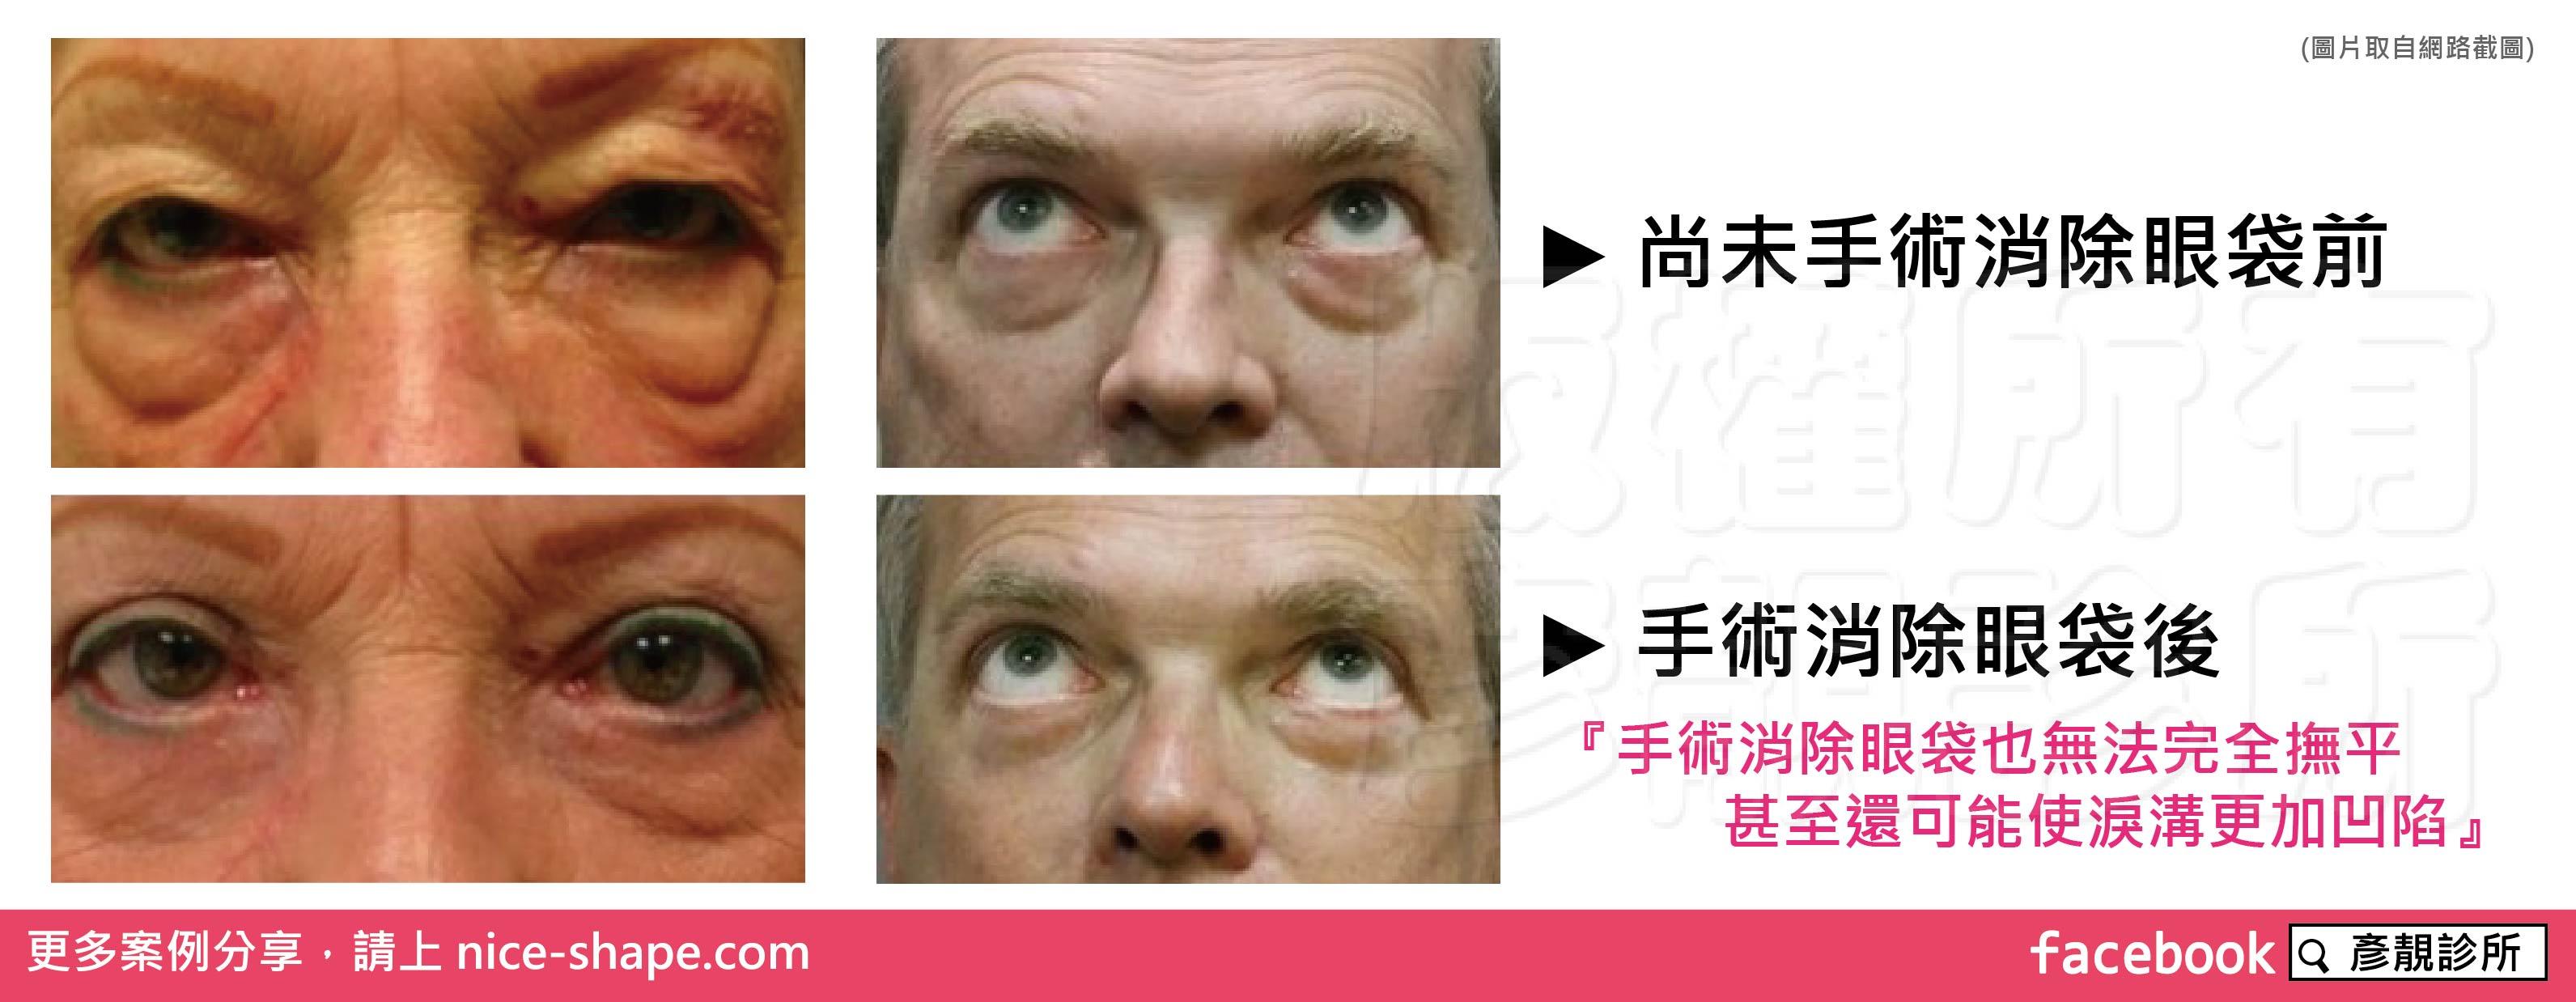 桃園-台北-眼袋-黑眼圈-消除-手術-桃園-玻尿酸-眼袋型淚溝-淚溝型黑眼圈-淚溝-黃政達醫師-推薦-新竹-高雄0001_00002